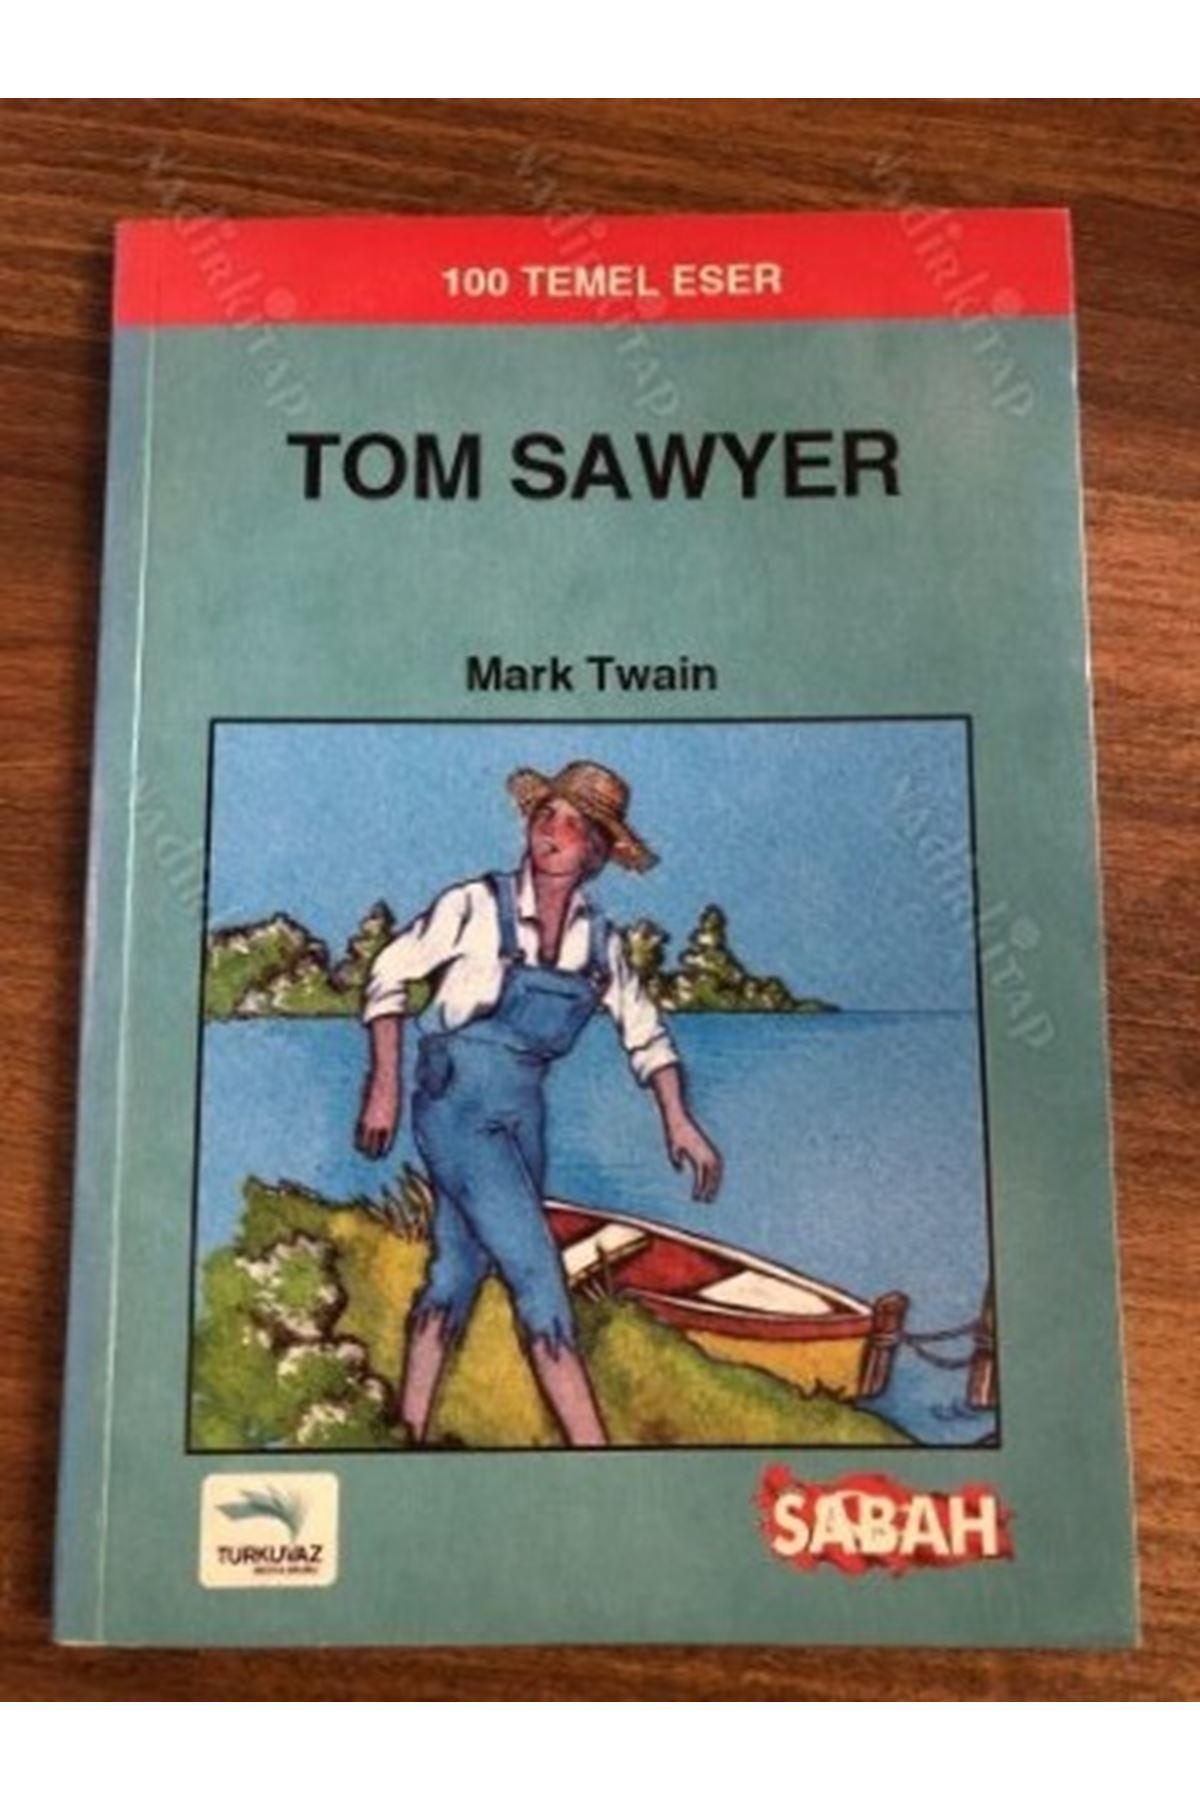 MARK TWAİN - TOM SAWYER